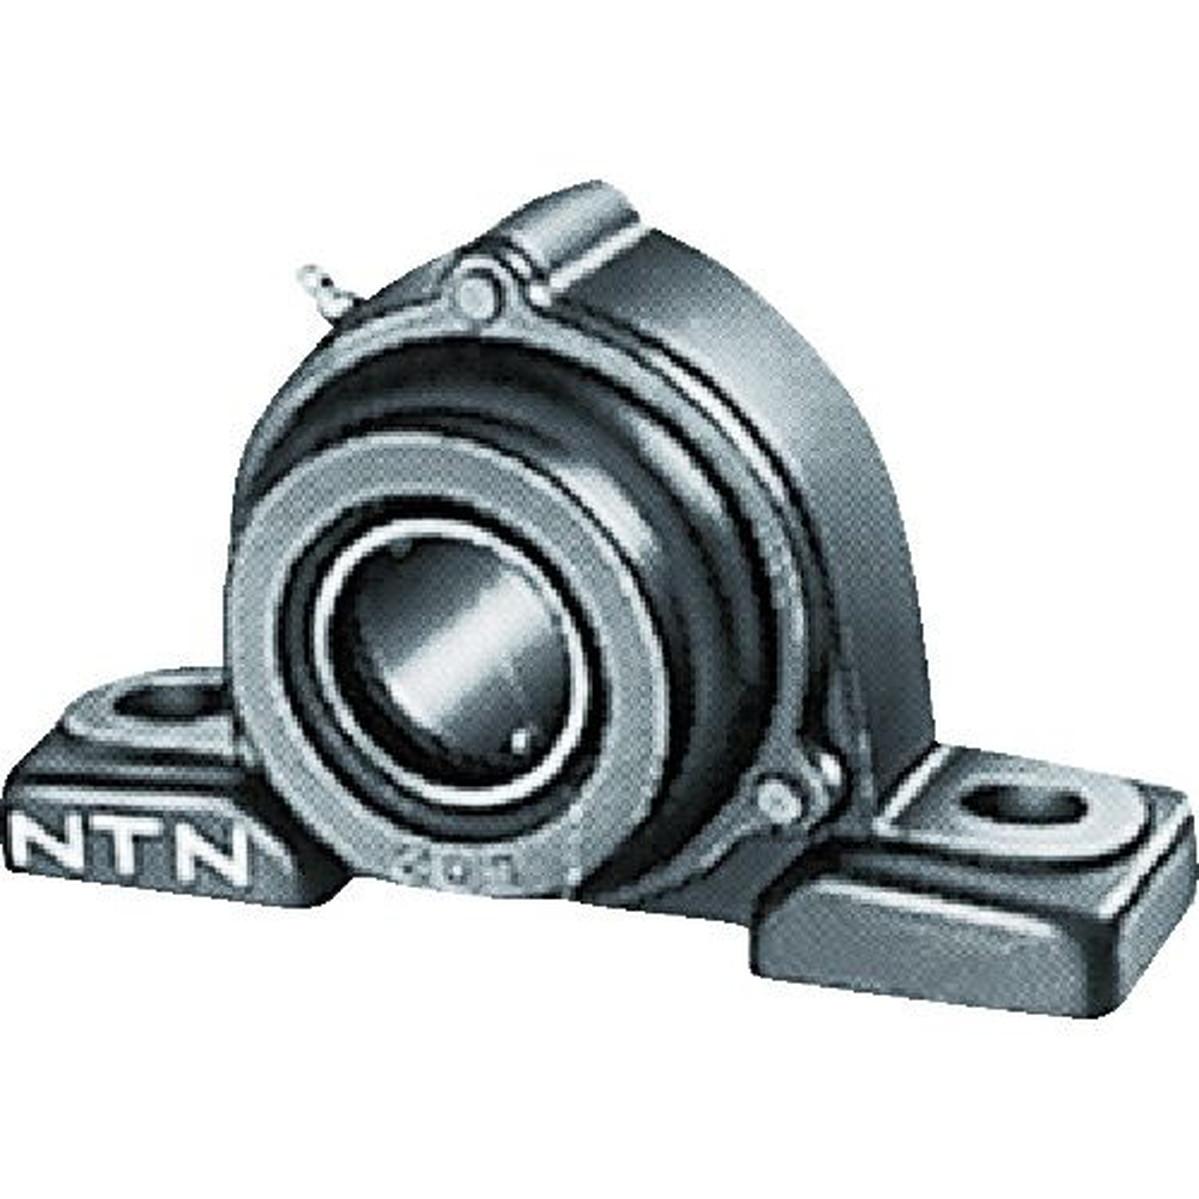 【お得】 NTN 1個NTN Gベアリングユニット(円筒穴形止めねじ式)軸径140mm中心高200mm 1個, アートシューズ【モニシャン】:09abb1fa --- risesuper30.in